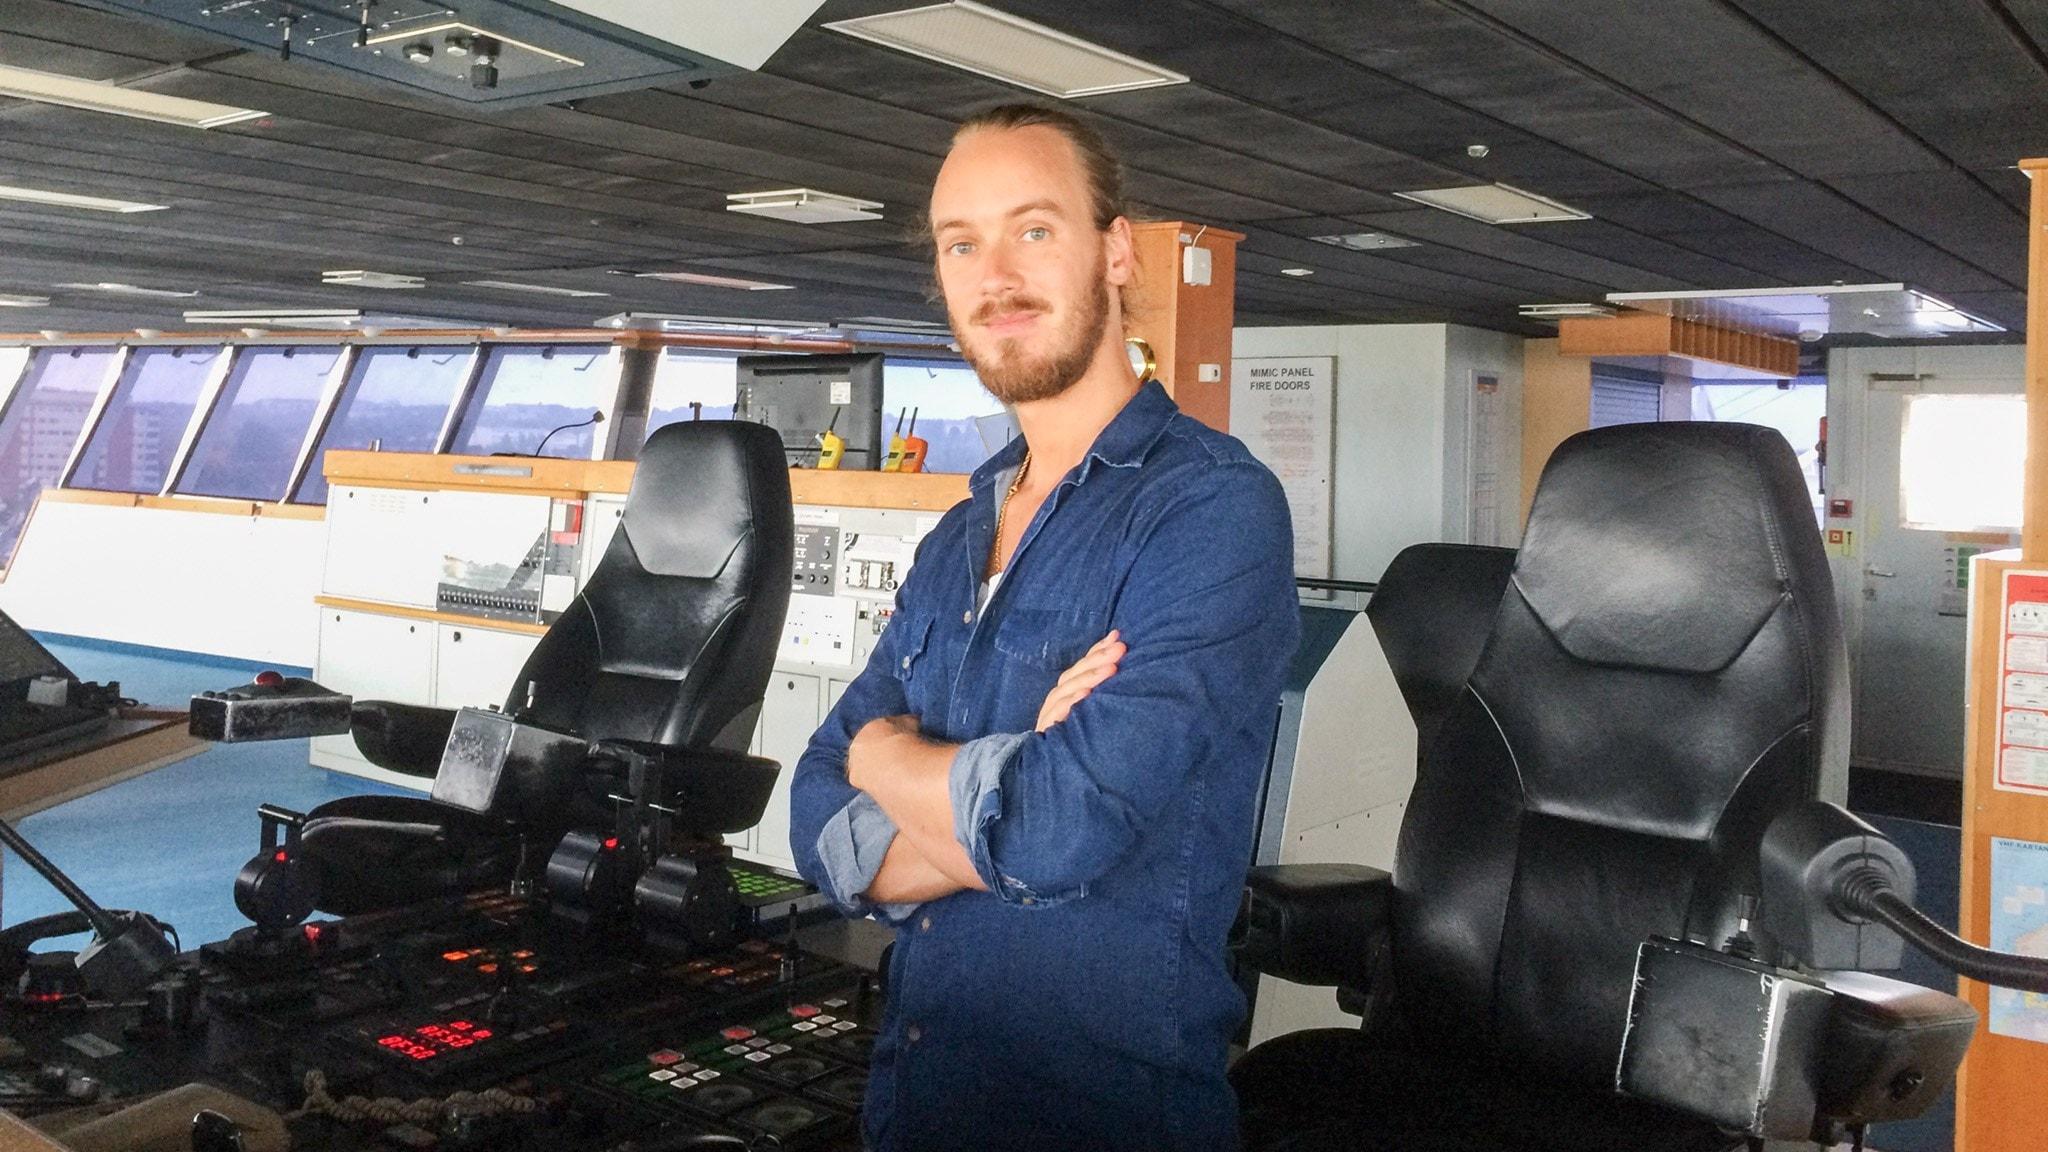 Den otatuerade sjömannen - Del 1 i serien Svenska sjömän